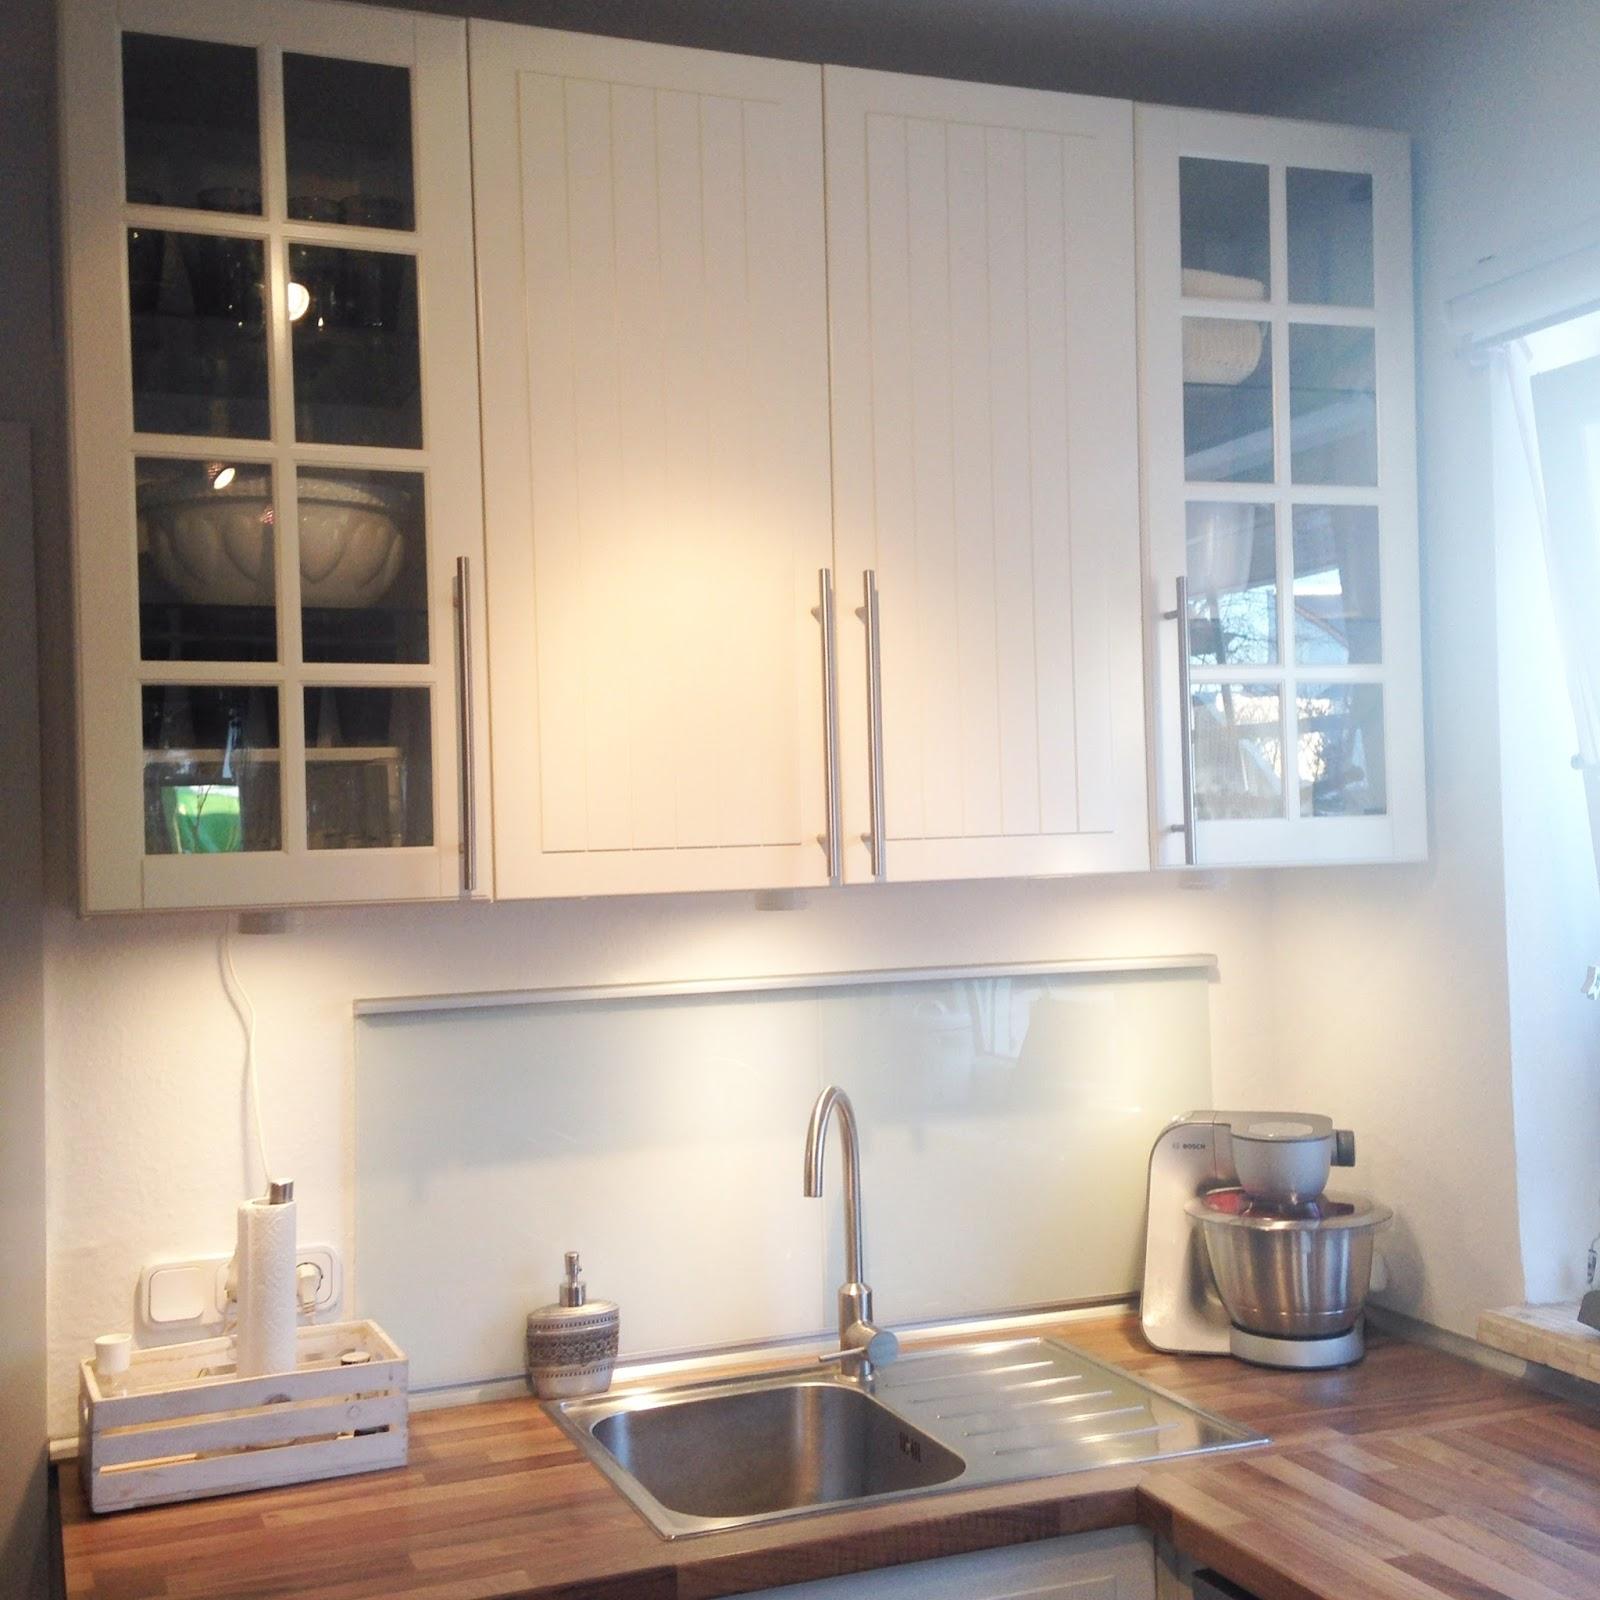 Glücksfeder: Umbauprojekt Nr. 3: Meine Küche - das Herz unseres Hauses